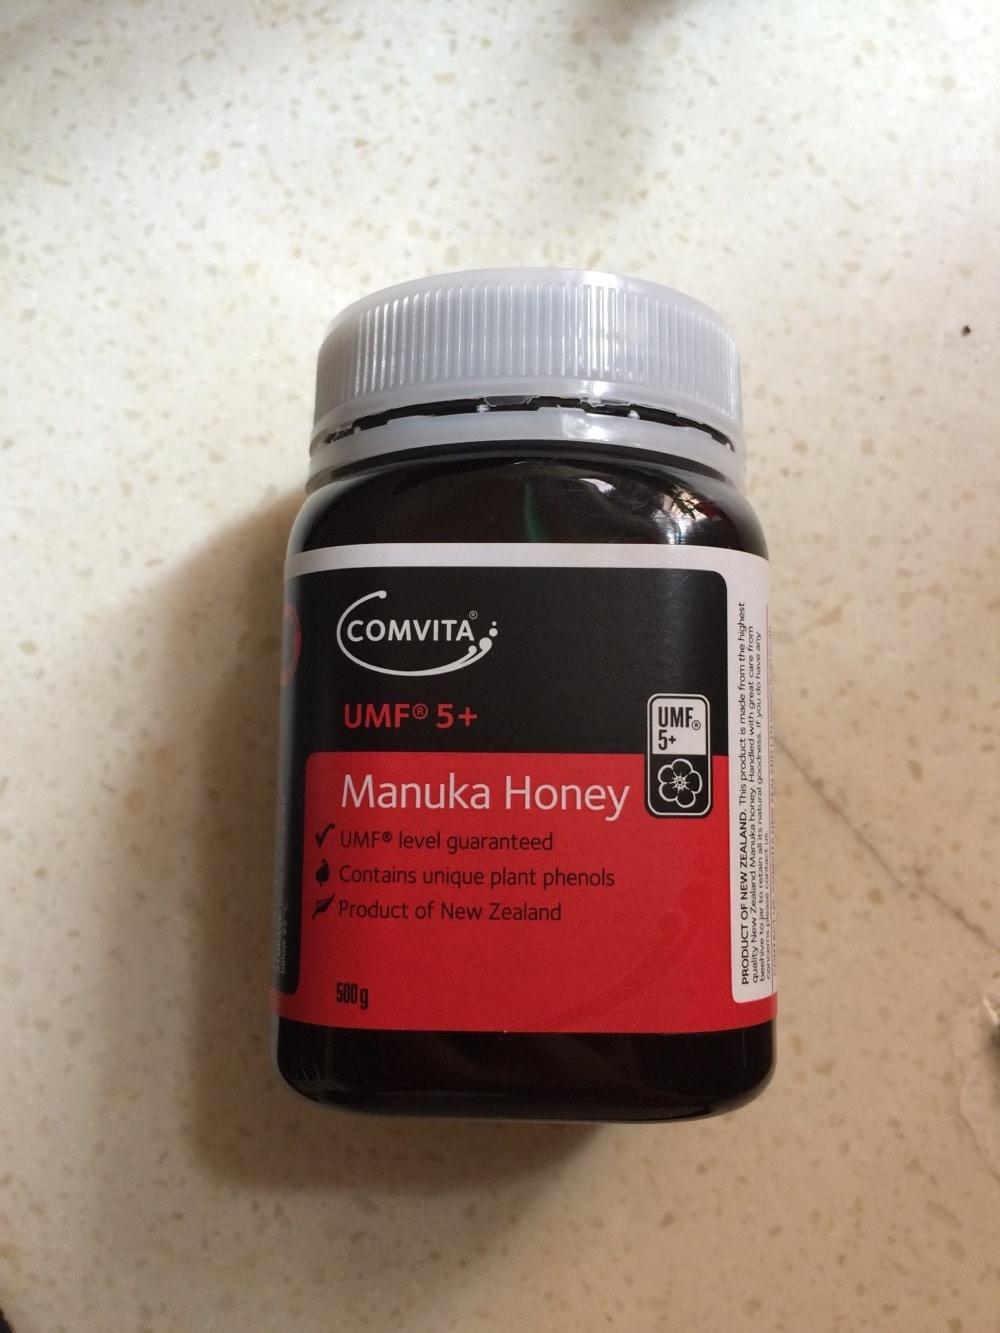 Manuka Honey UMF®5+ - Product